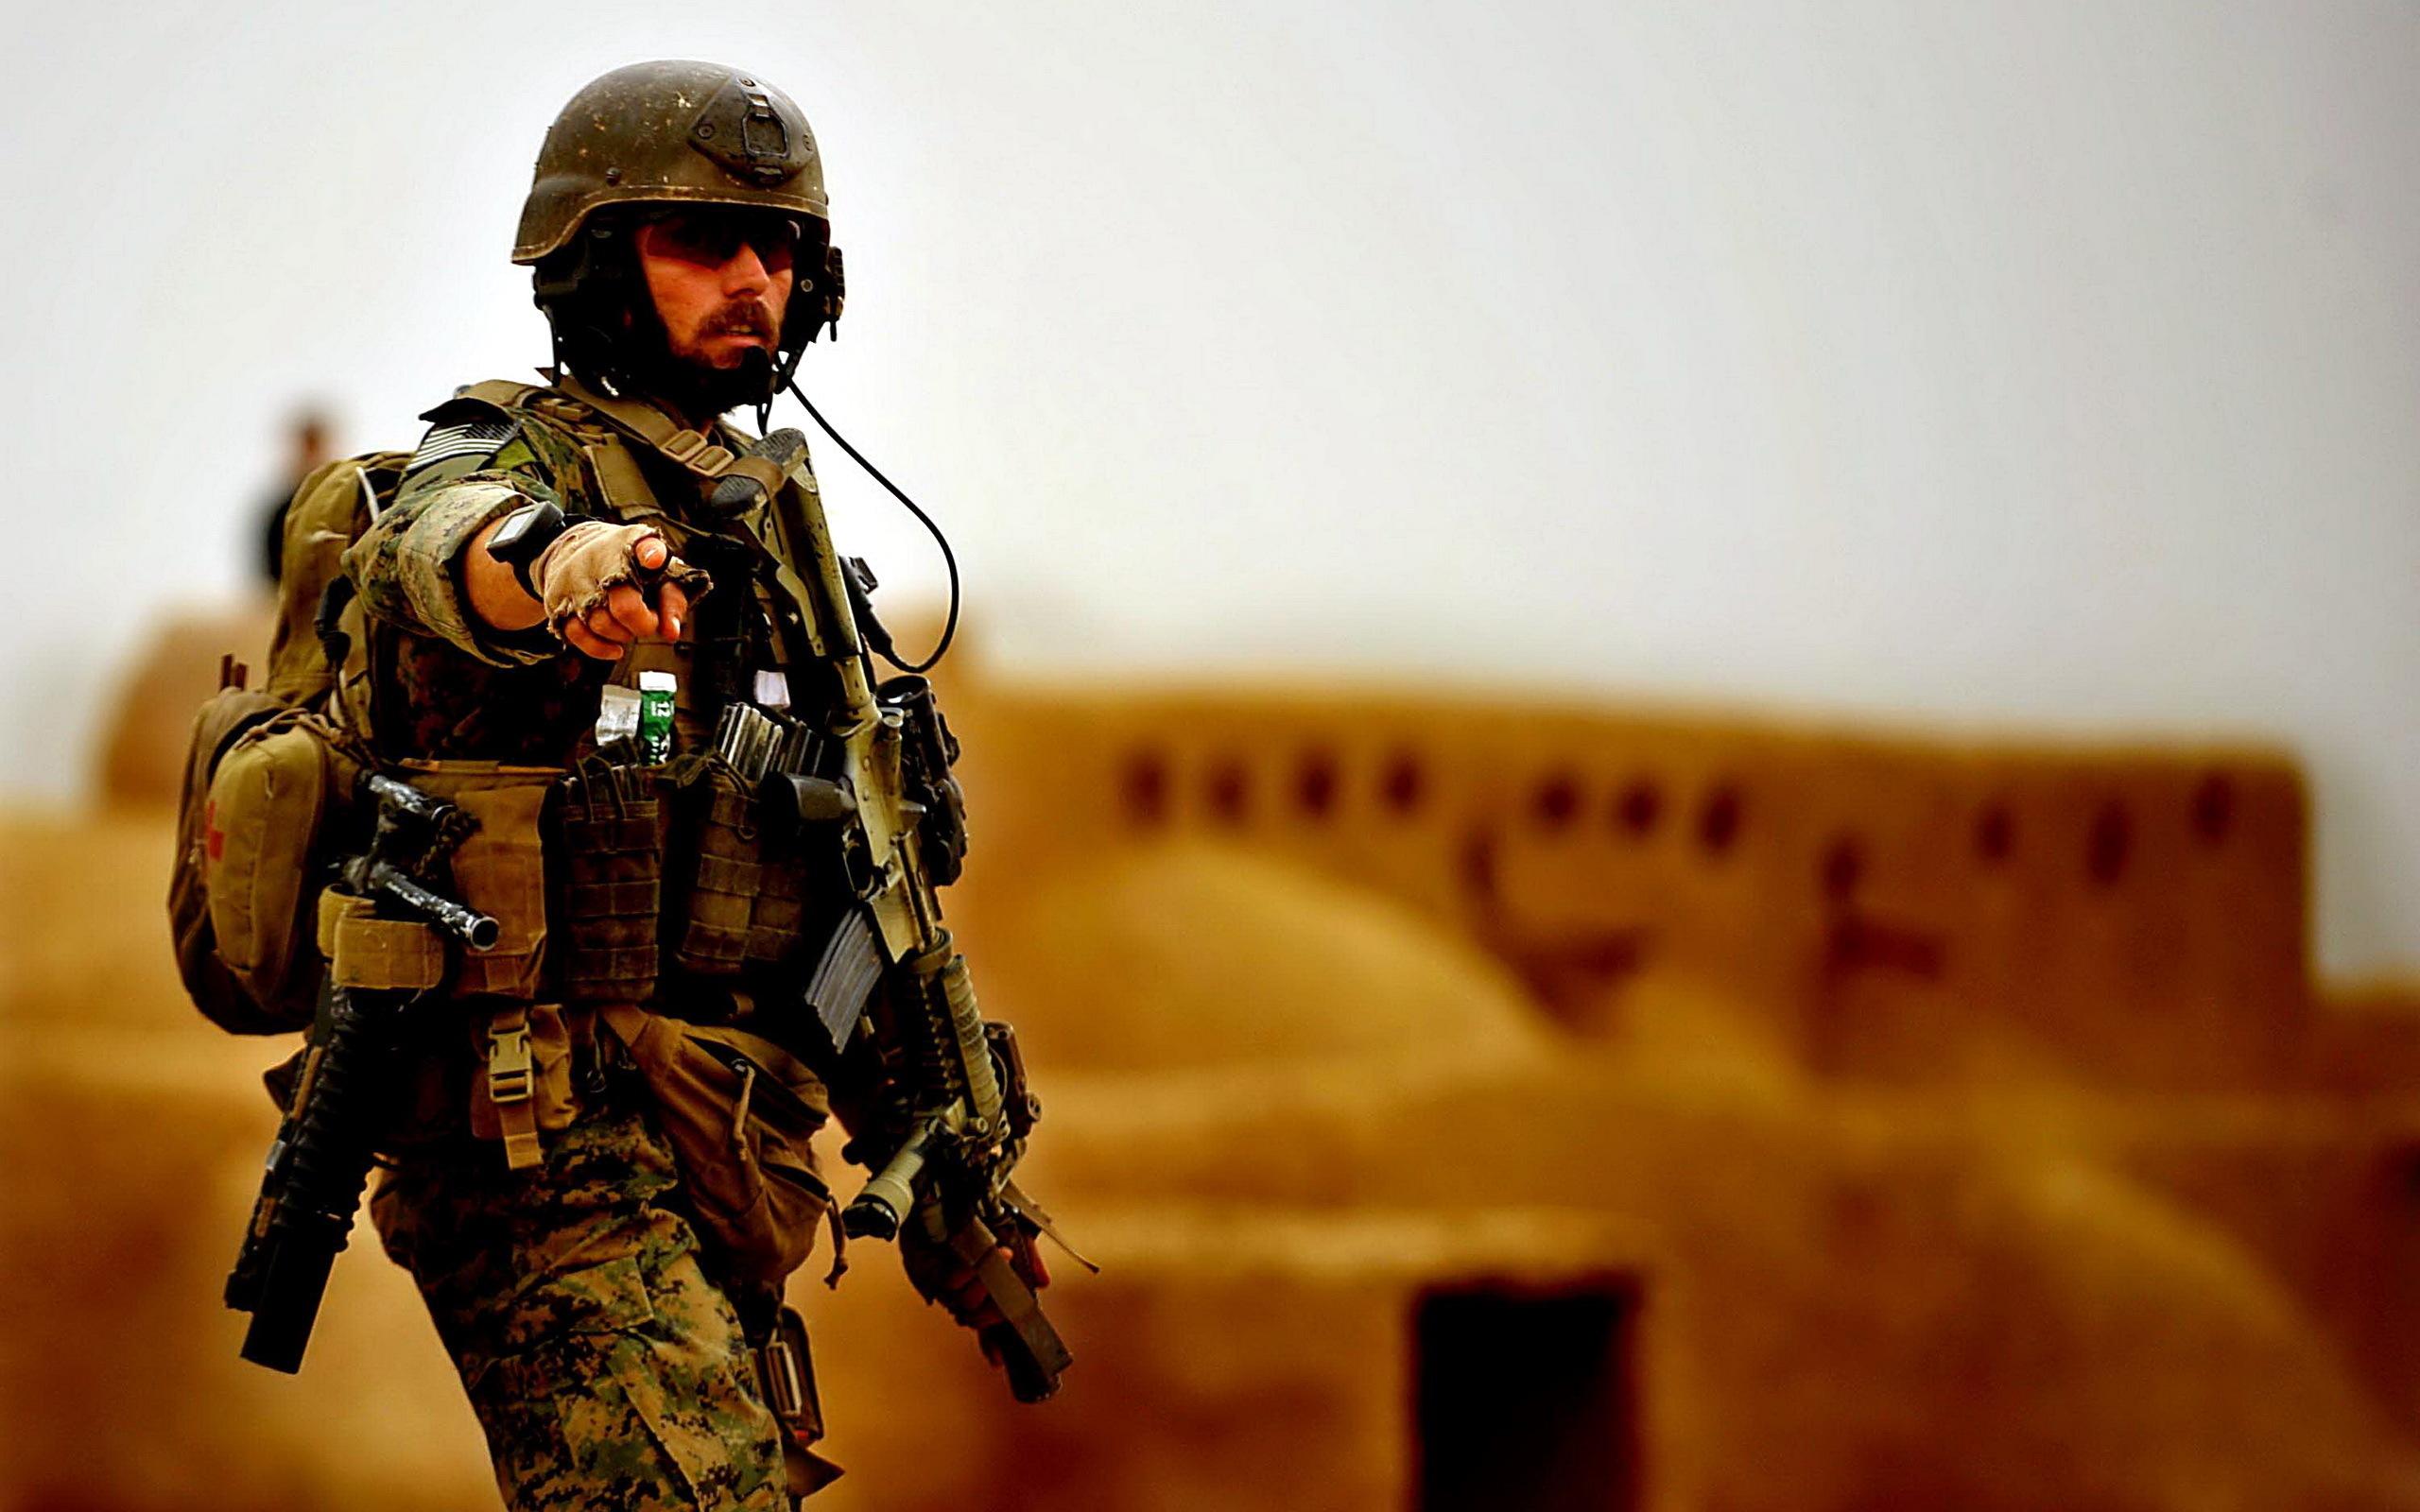 обои для рабочего стола военные солдаты № 808090  скачать